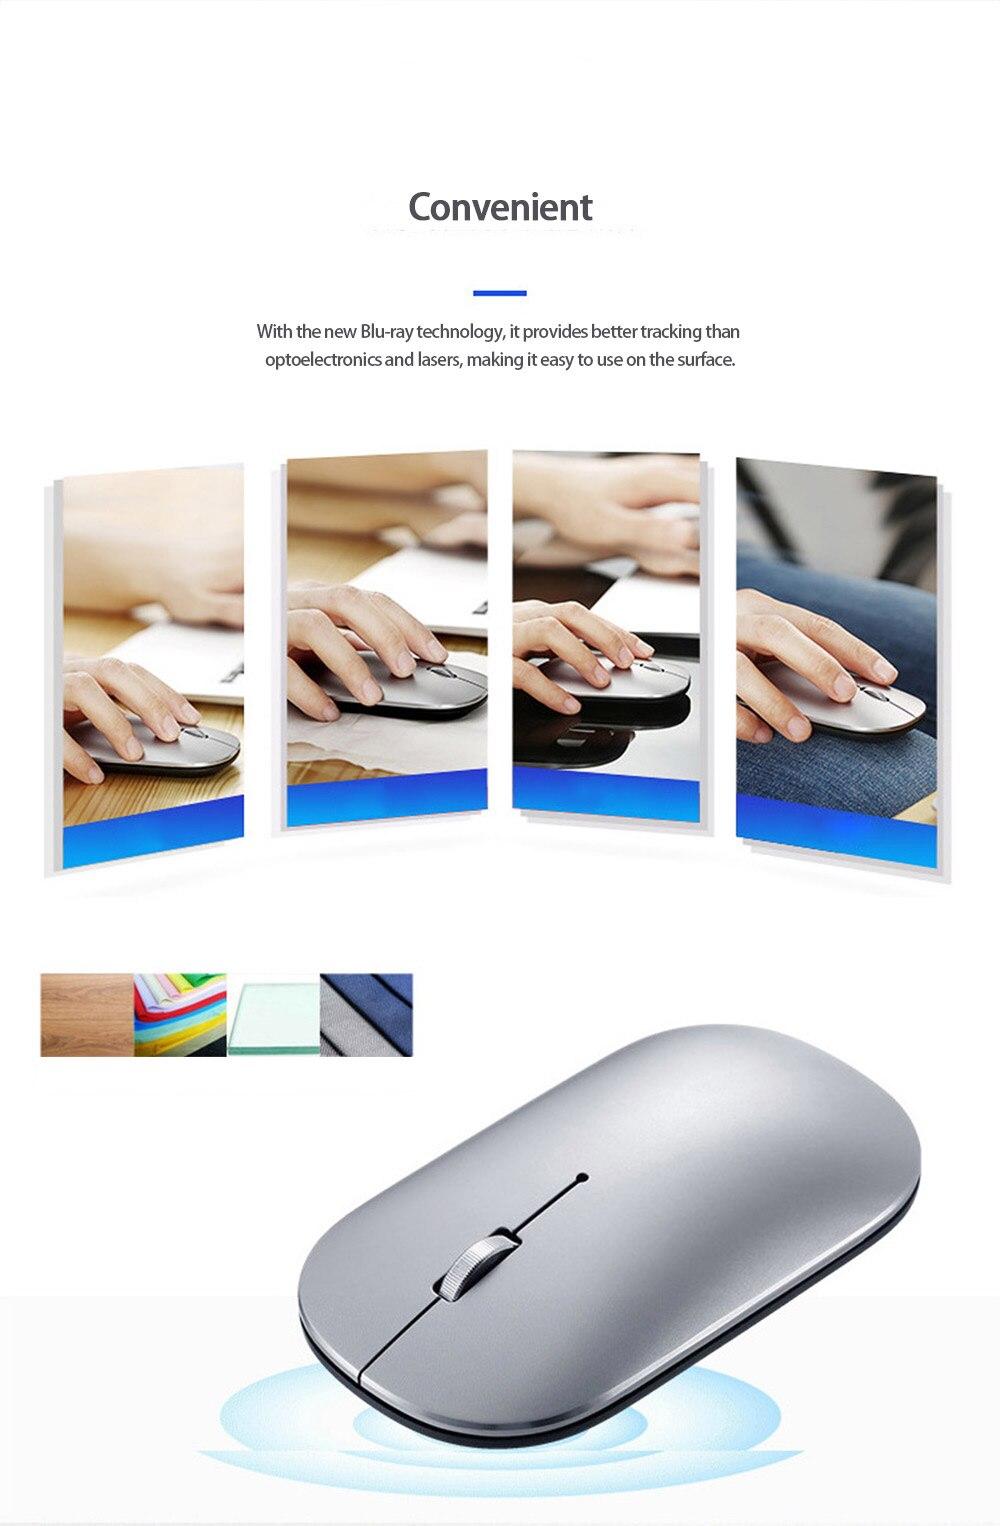 bluetooth e usb para windows 7 8 10, mac